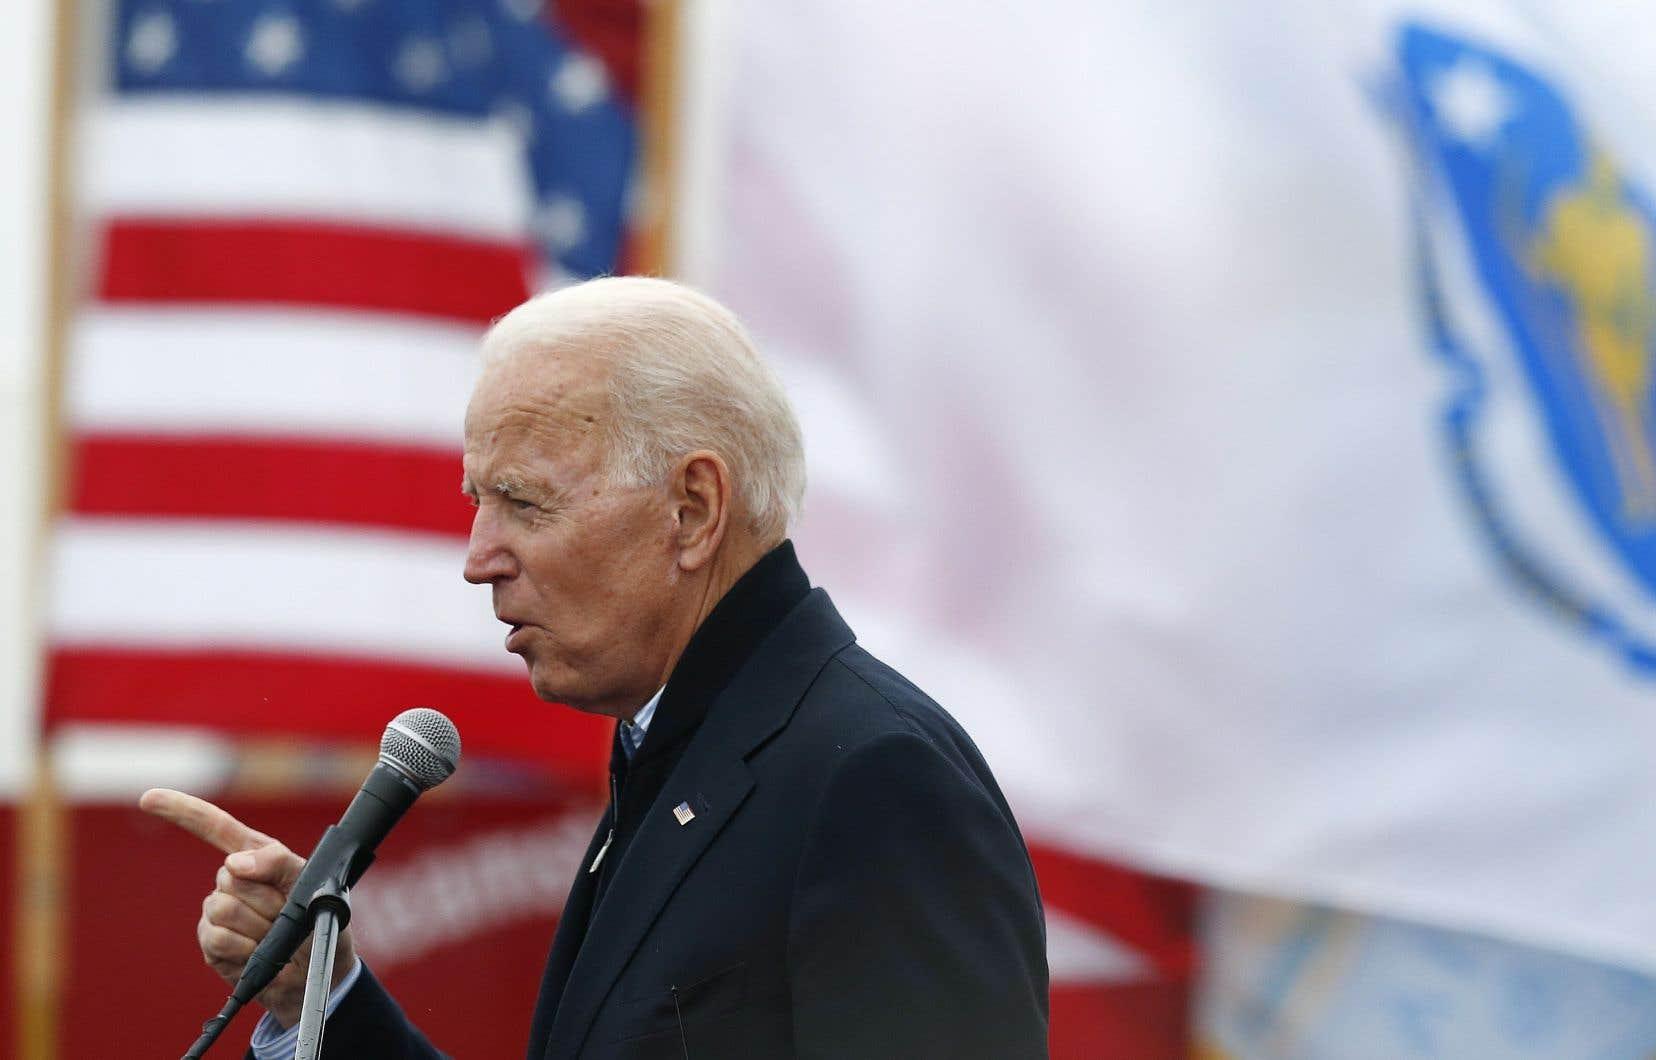 Les questions sur l'avenir politique de Joe Biden étaient sur toutes les lèvres à l'approche des primaires, pour lesquelles 18 candidatures démocrates de haut vol ont déjà été annoncées.